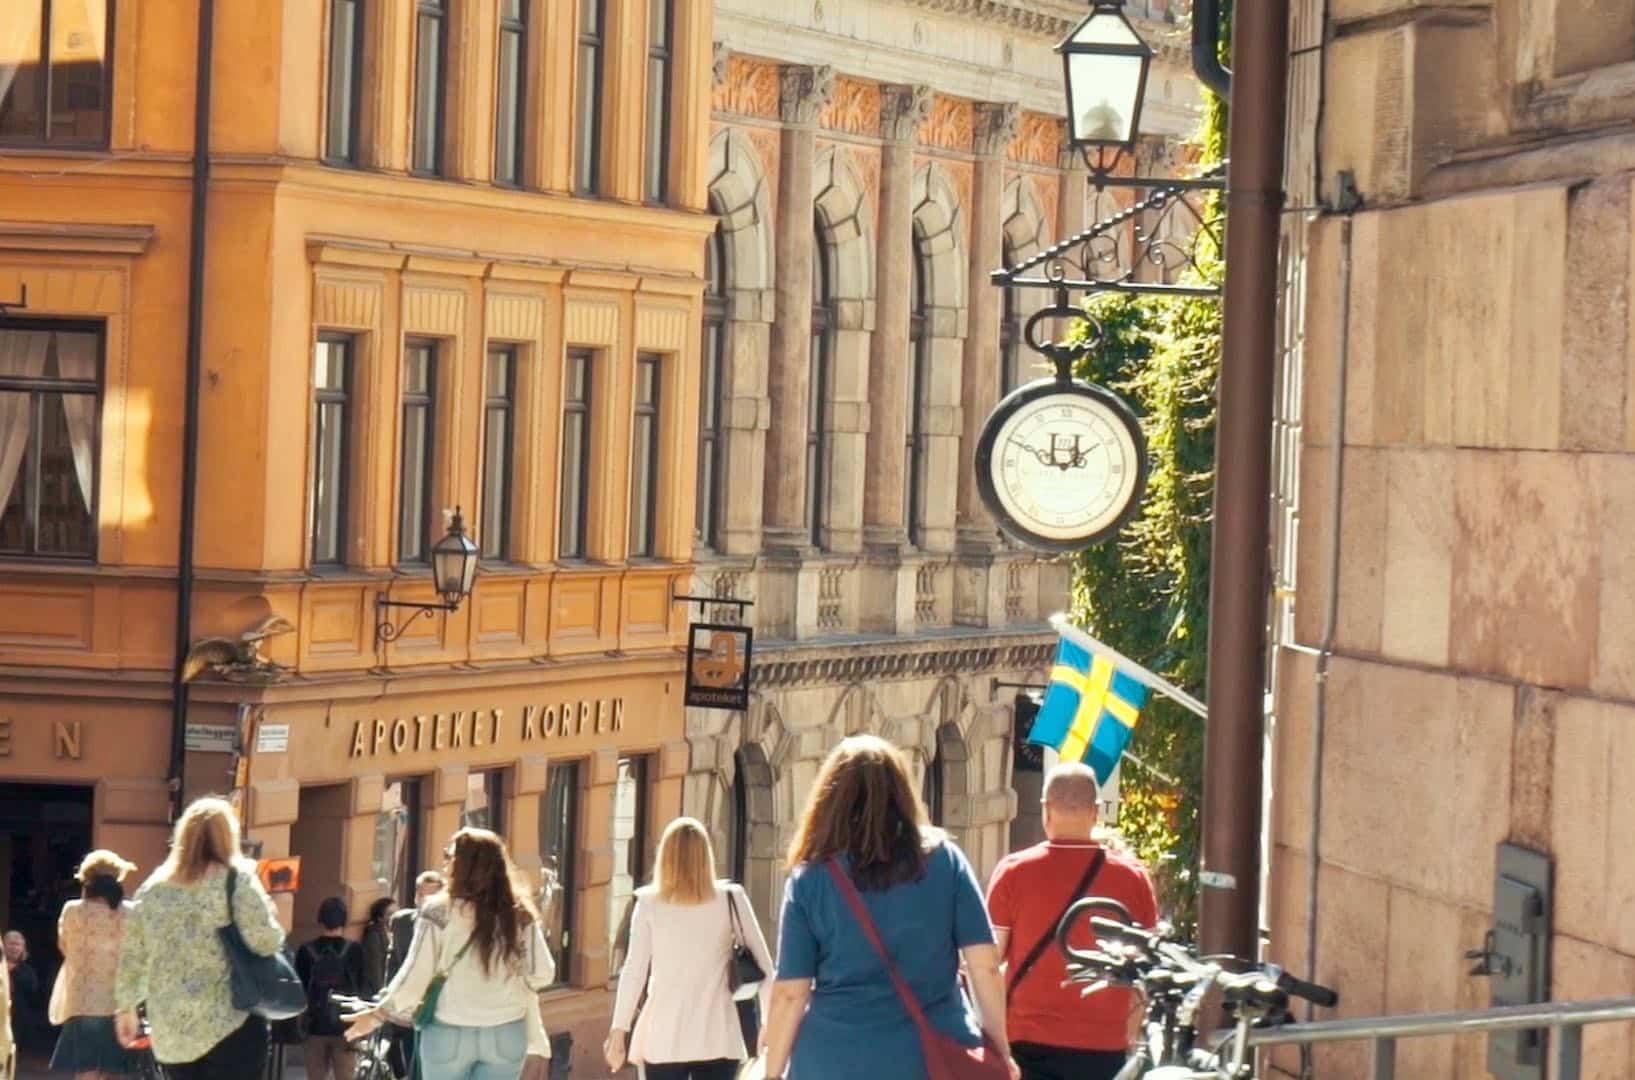 visiter stockholm et Gamla stan dans la vieille ville